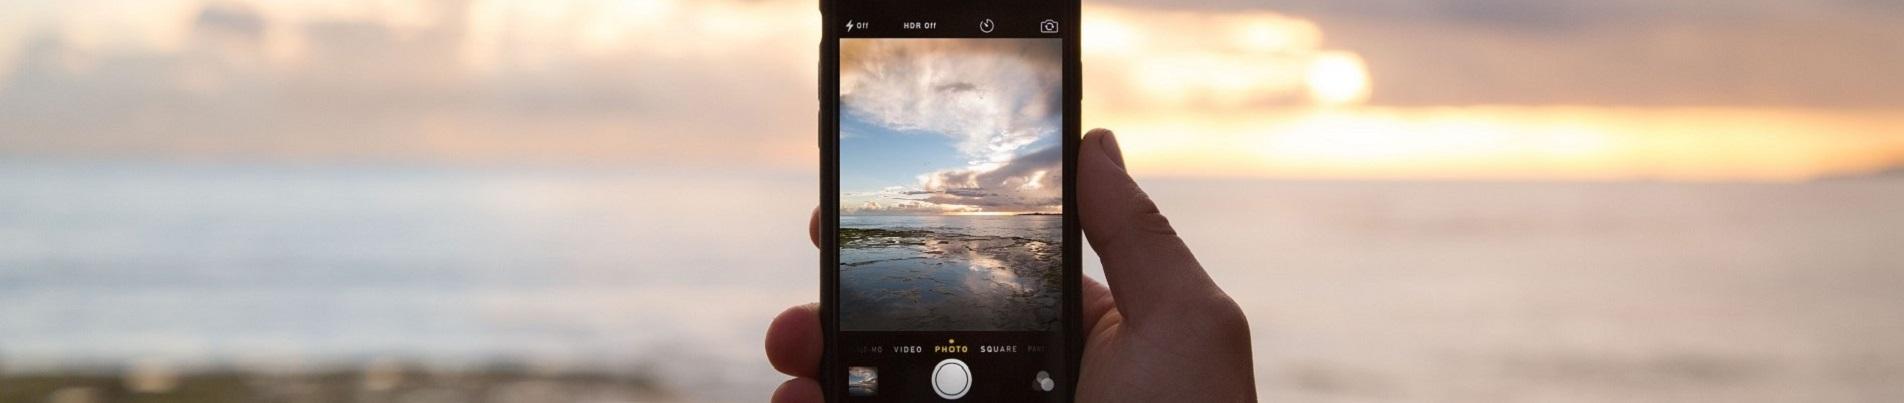 formation_photos_avec_un_smartphone_1905x400